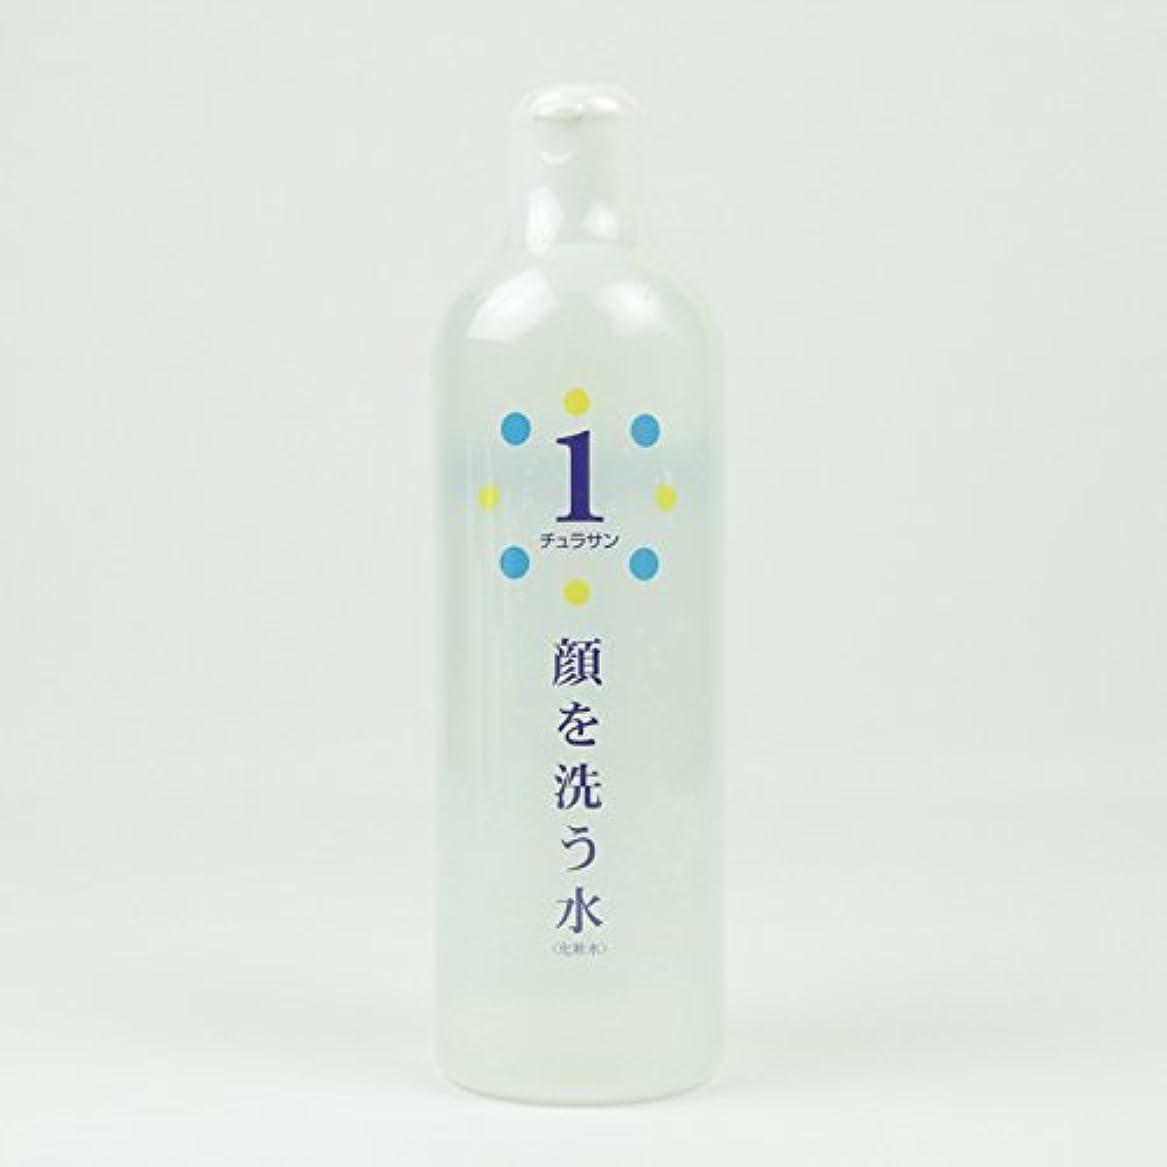 のために罹患率送金チュラサン1 【顔を洗う水】 500ml